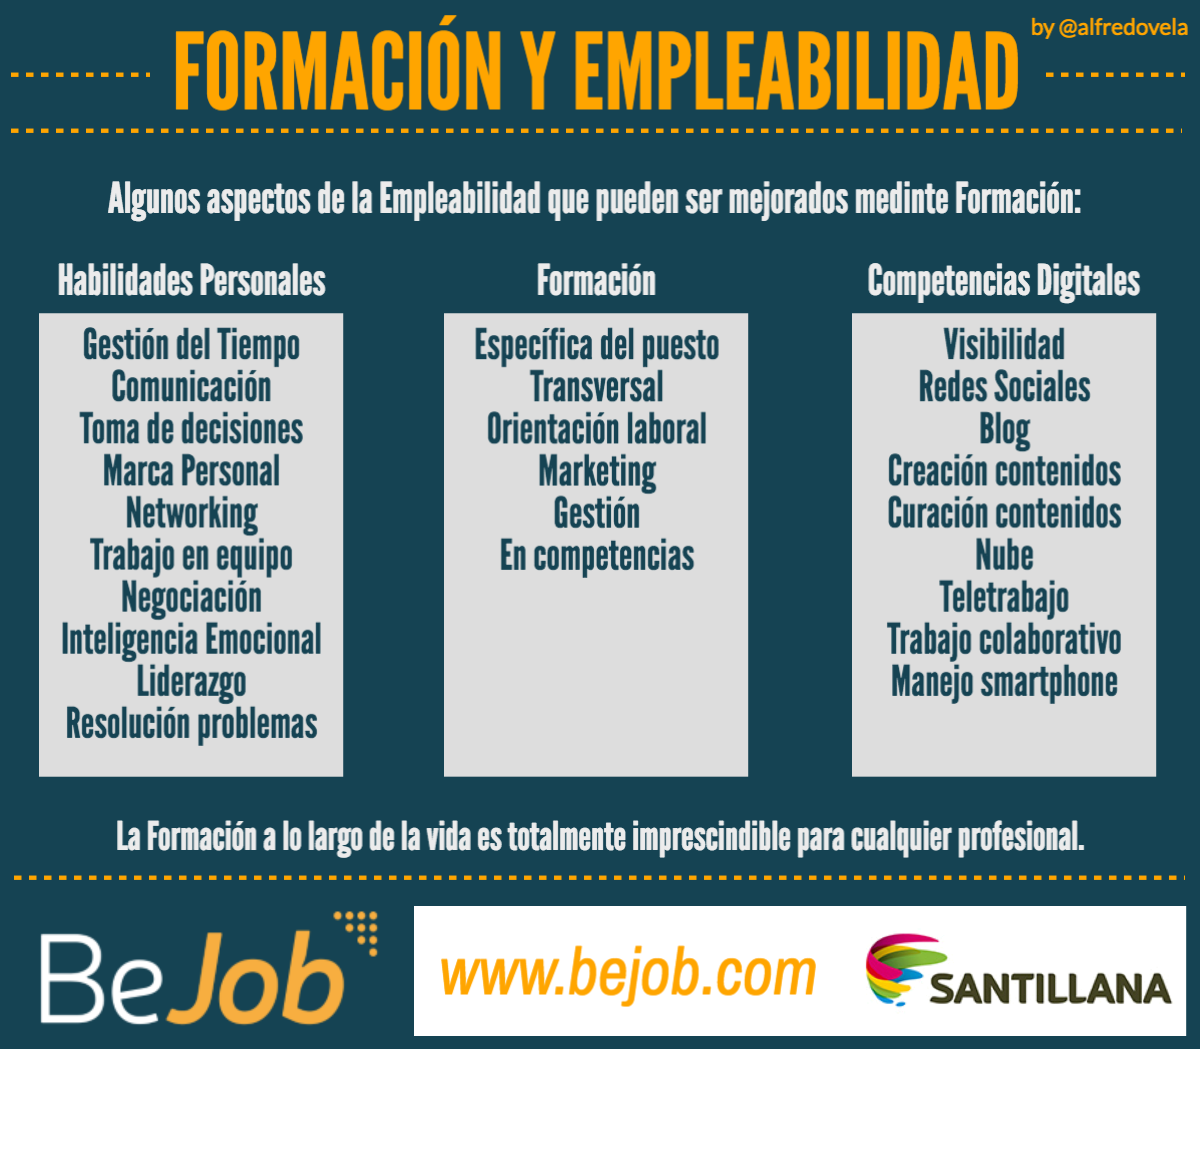 Mejora tu Empleabilidad mediante la Formación #infografia #education #empleo #rrhh